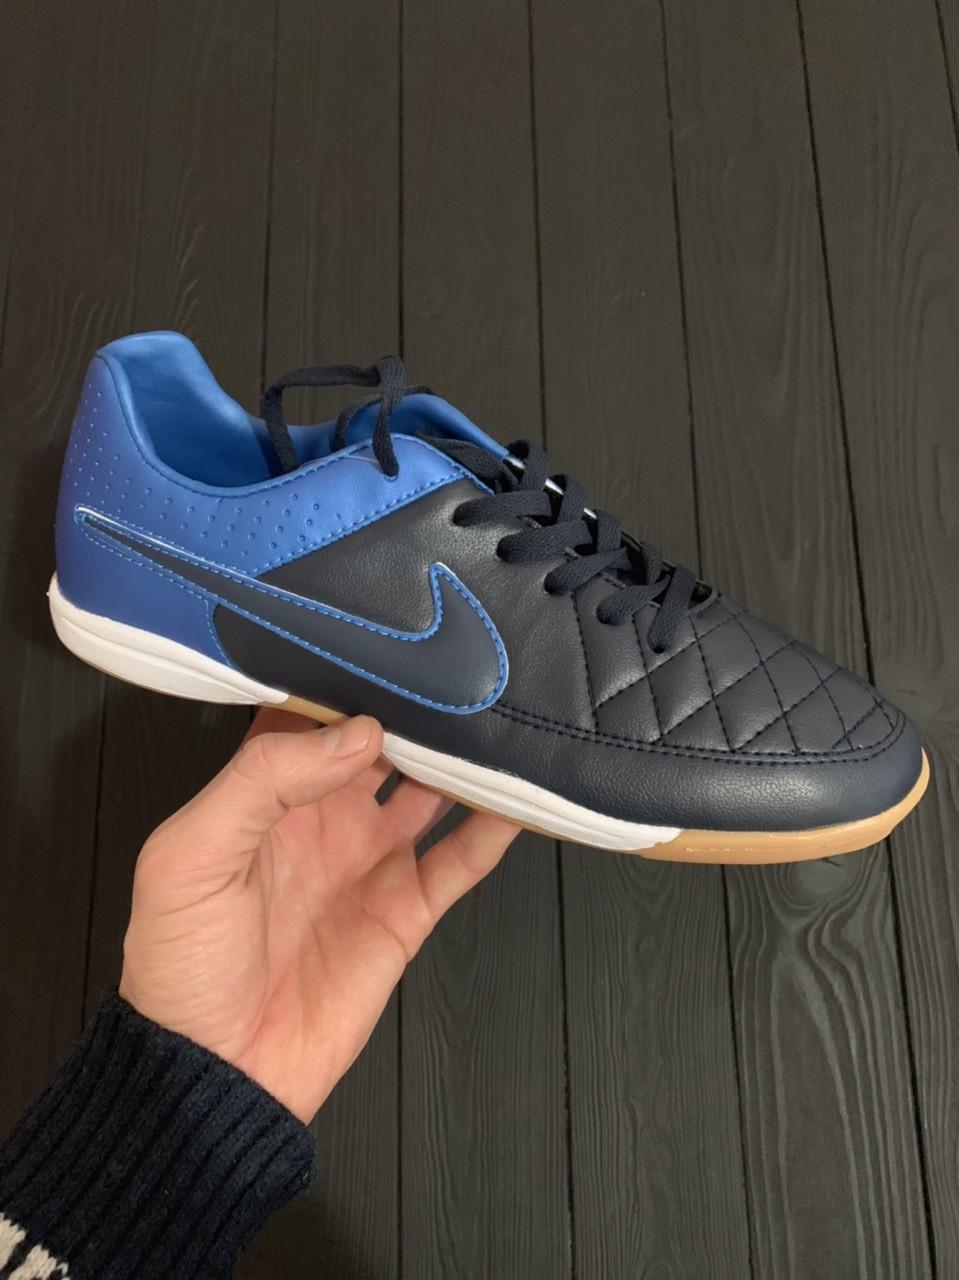 102f6b22 Футзалки Nike Tiempo (реплика) 1075 - Доступный интернет-магазин в Киеве